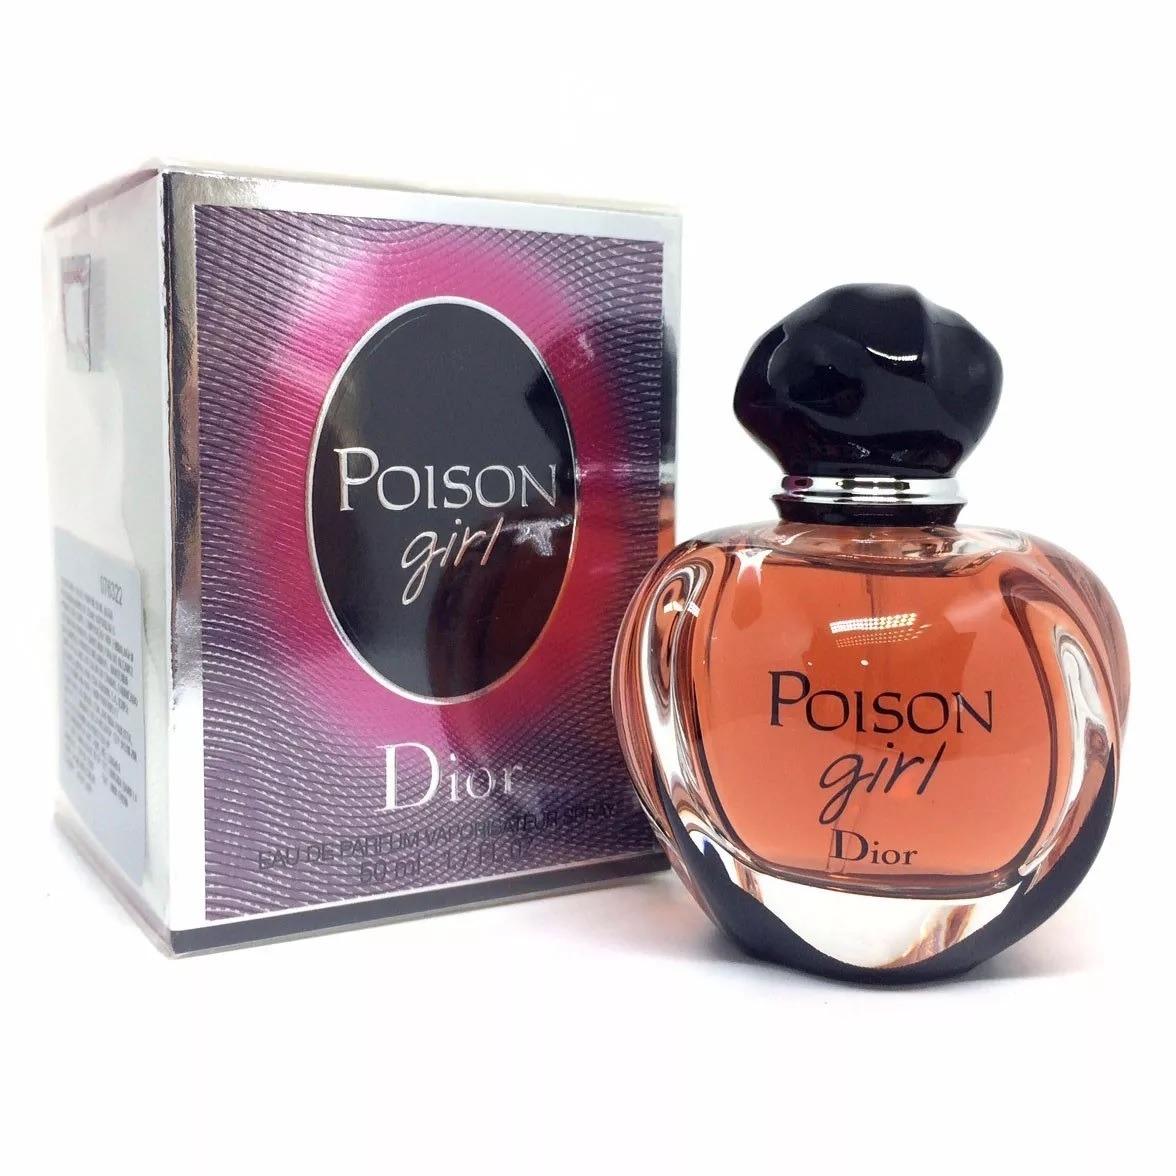 693af674d74 Dior Poison Girl Eau De Parfum 30ml Feminino 100% Original - R  229 ...